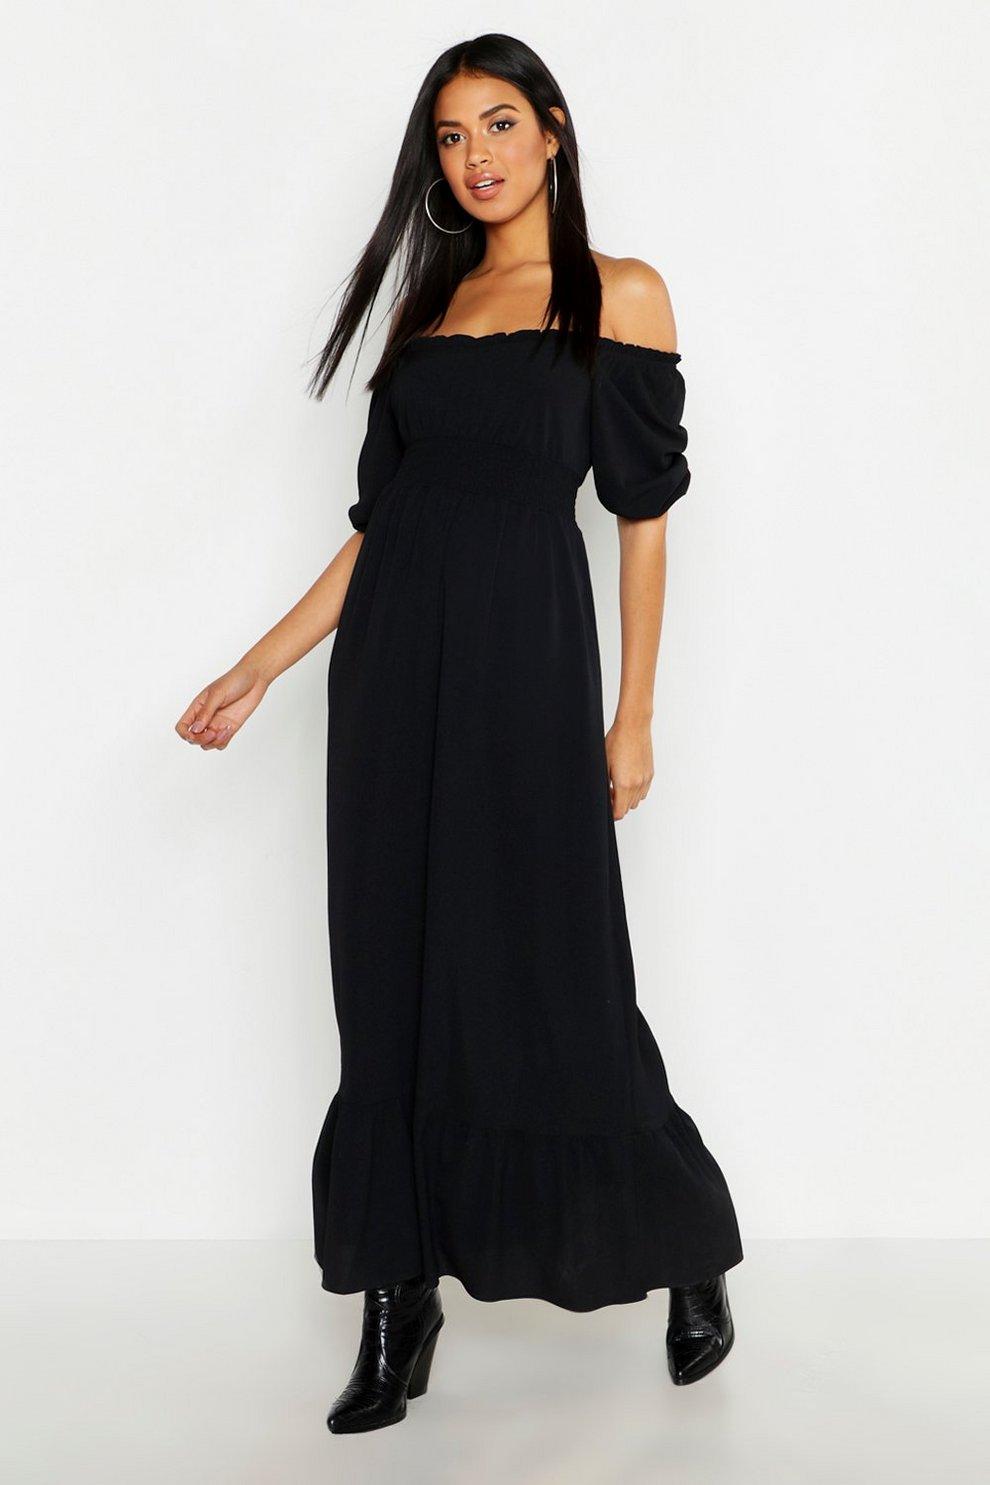 1da0199debbc7d Maxi Dresses Long Arm – DACC